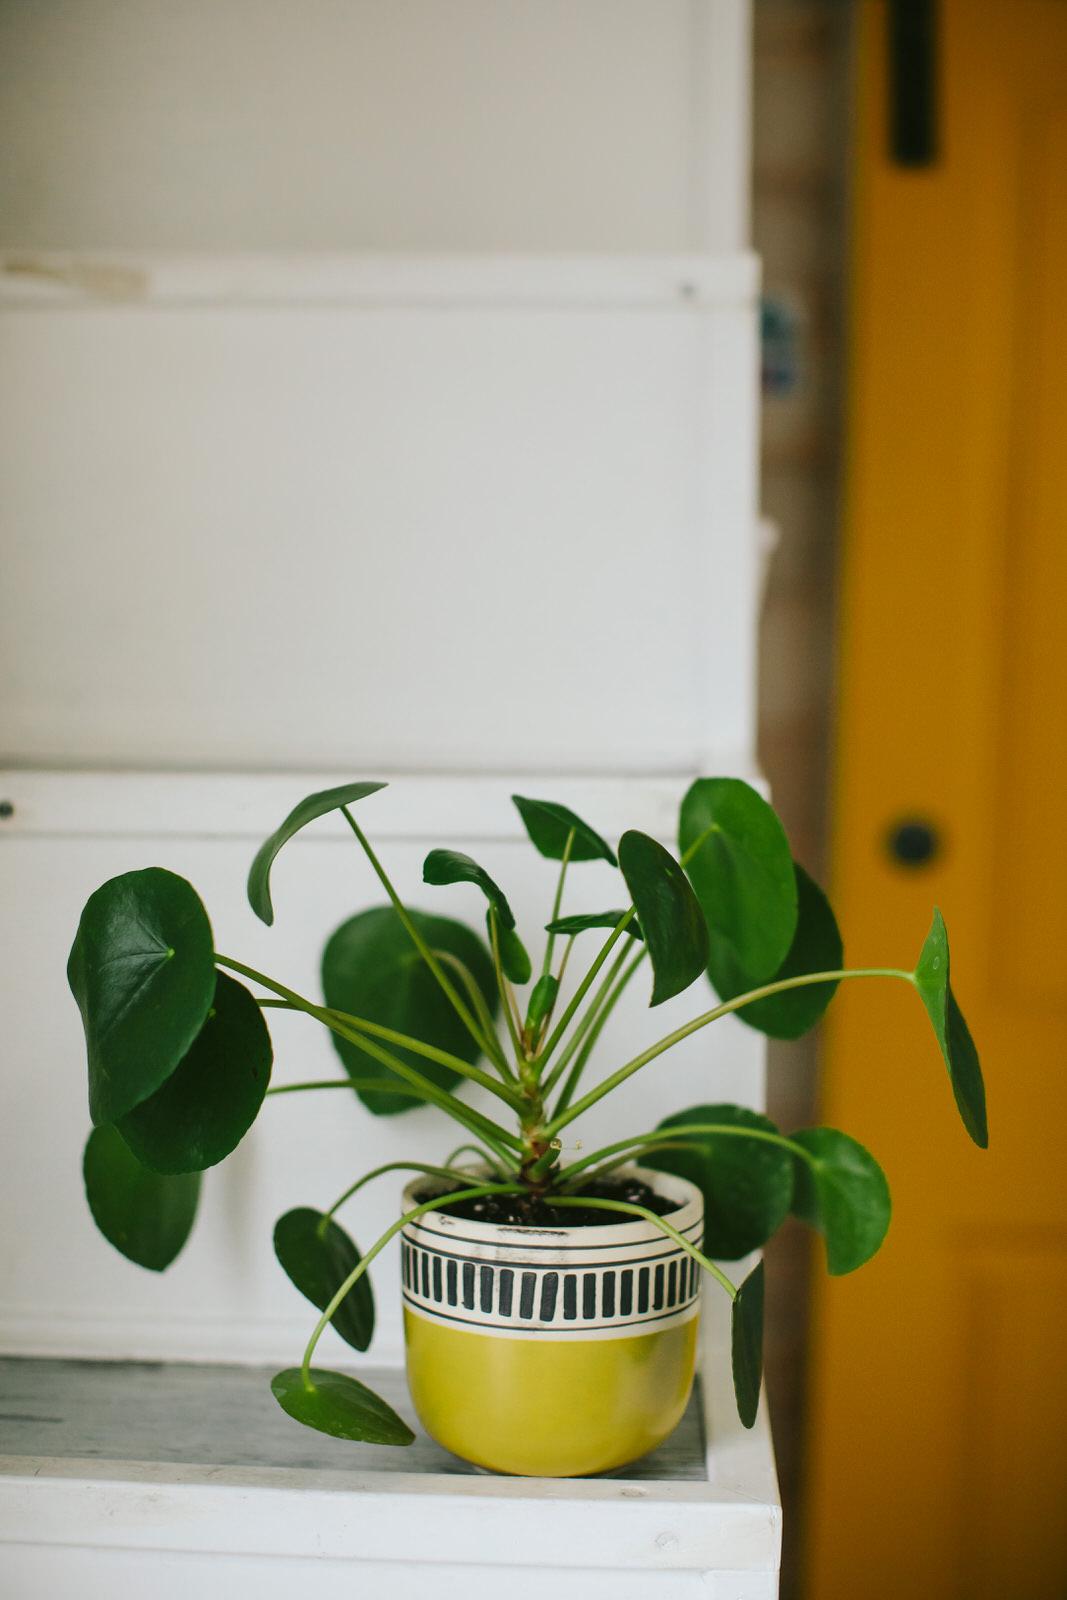 pilea_Plant_Tiny_House_Photo_Siesta_Keyjpg